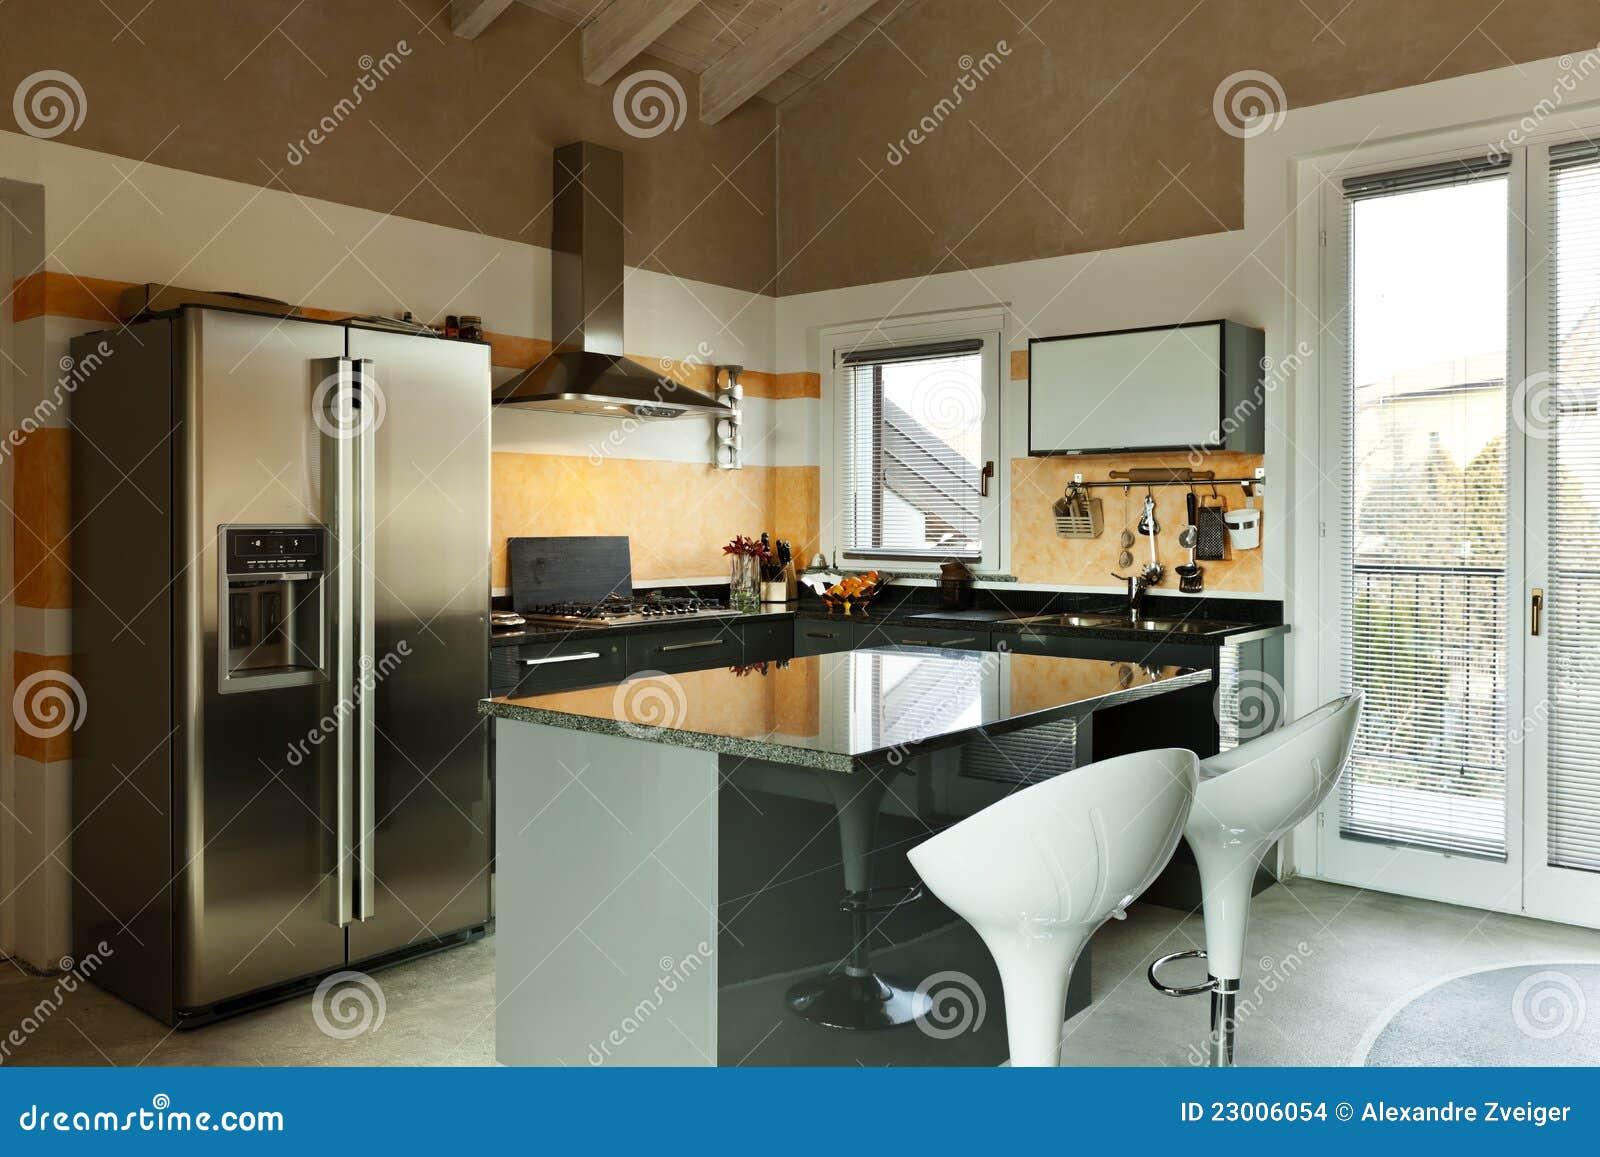 Isola di cucina con due sgabelli fotografia stock immagine di